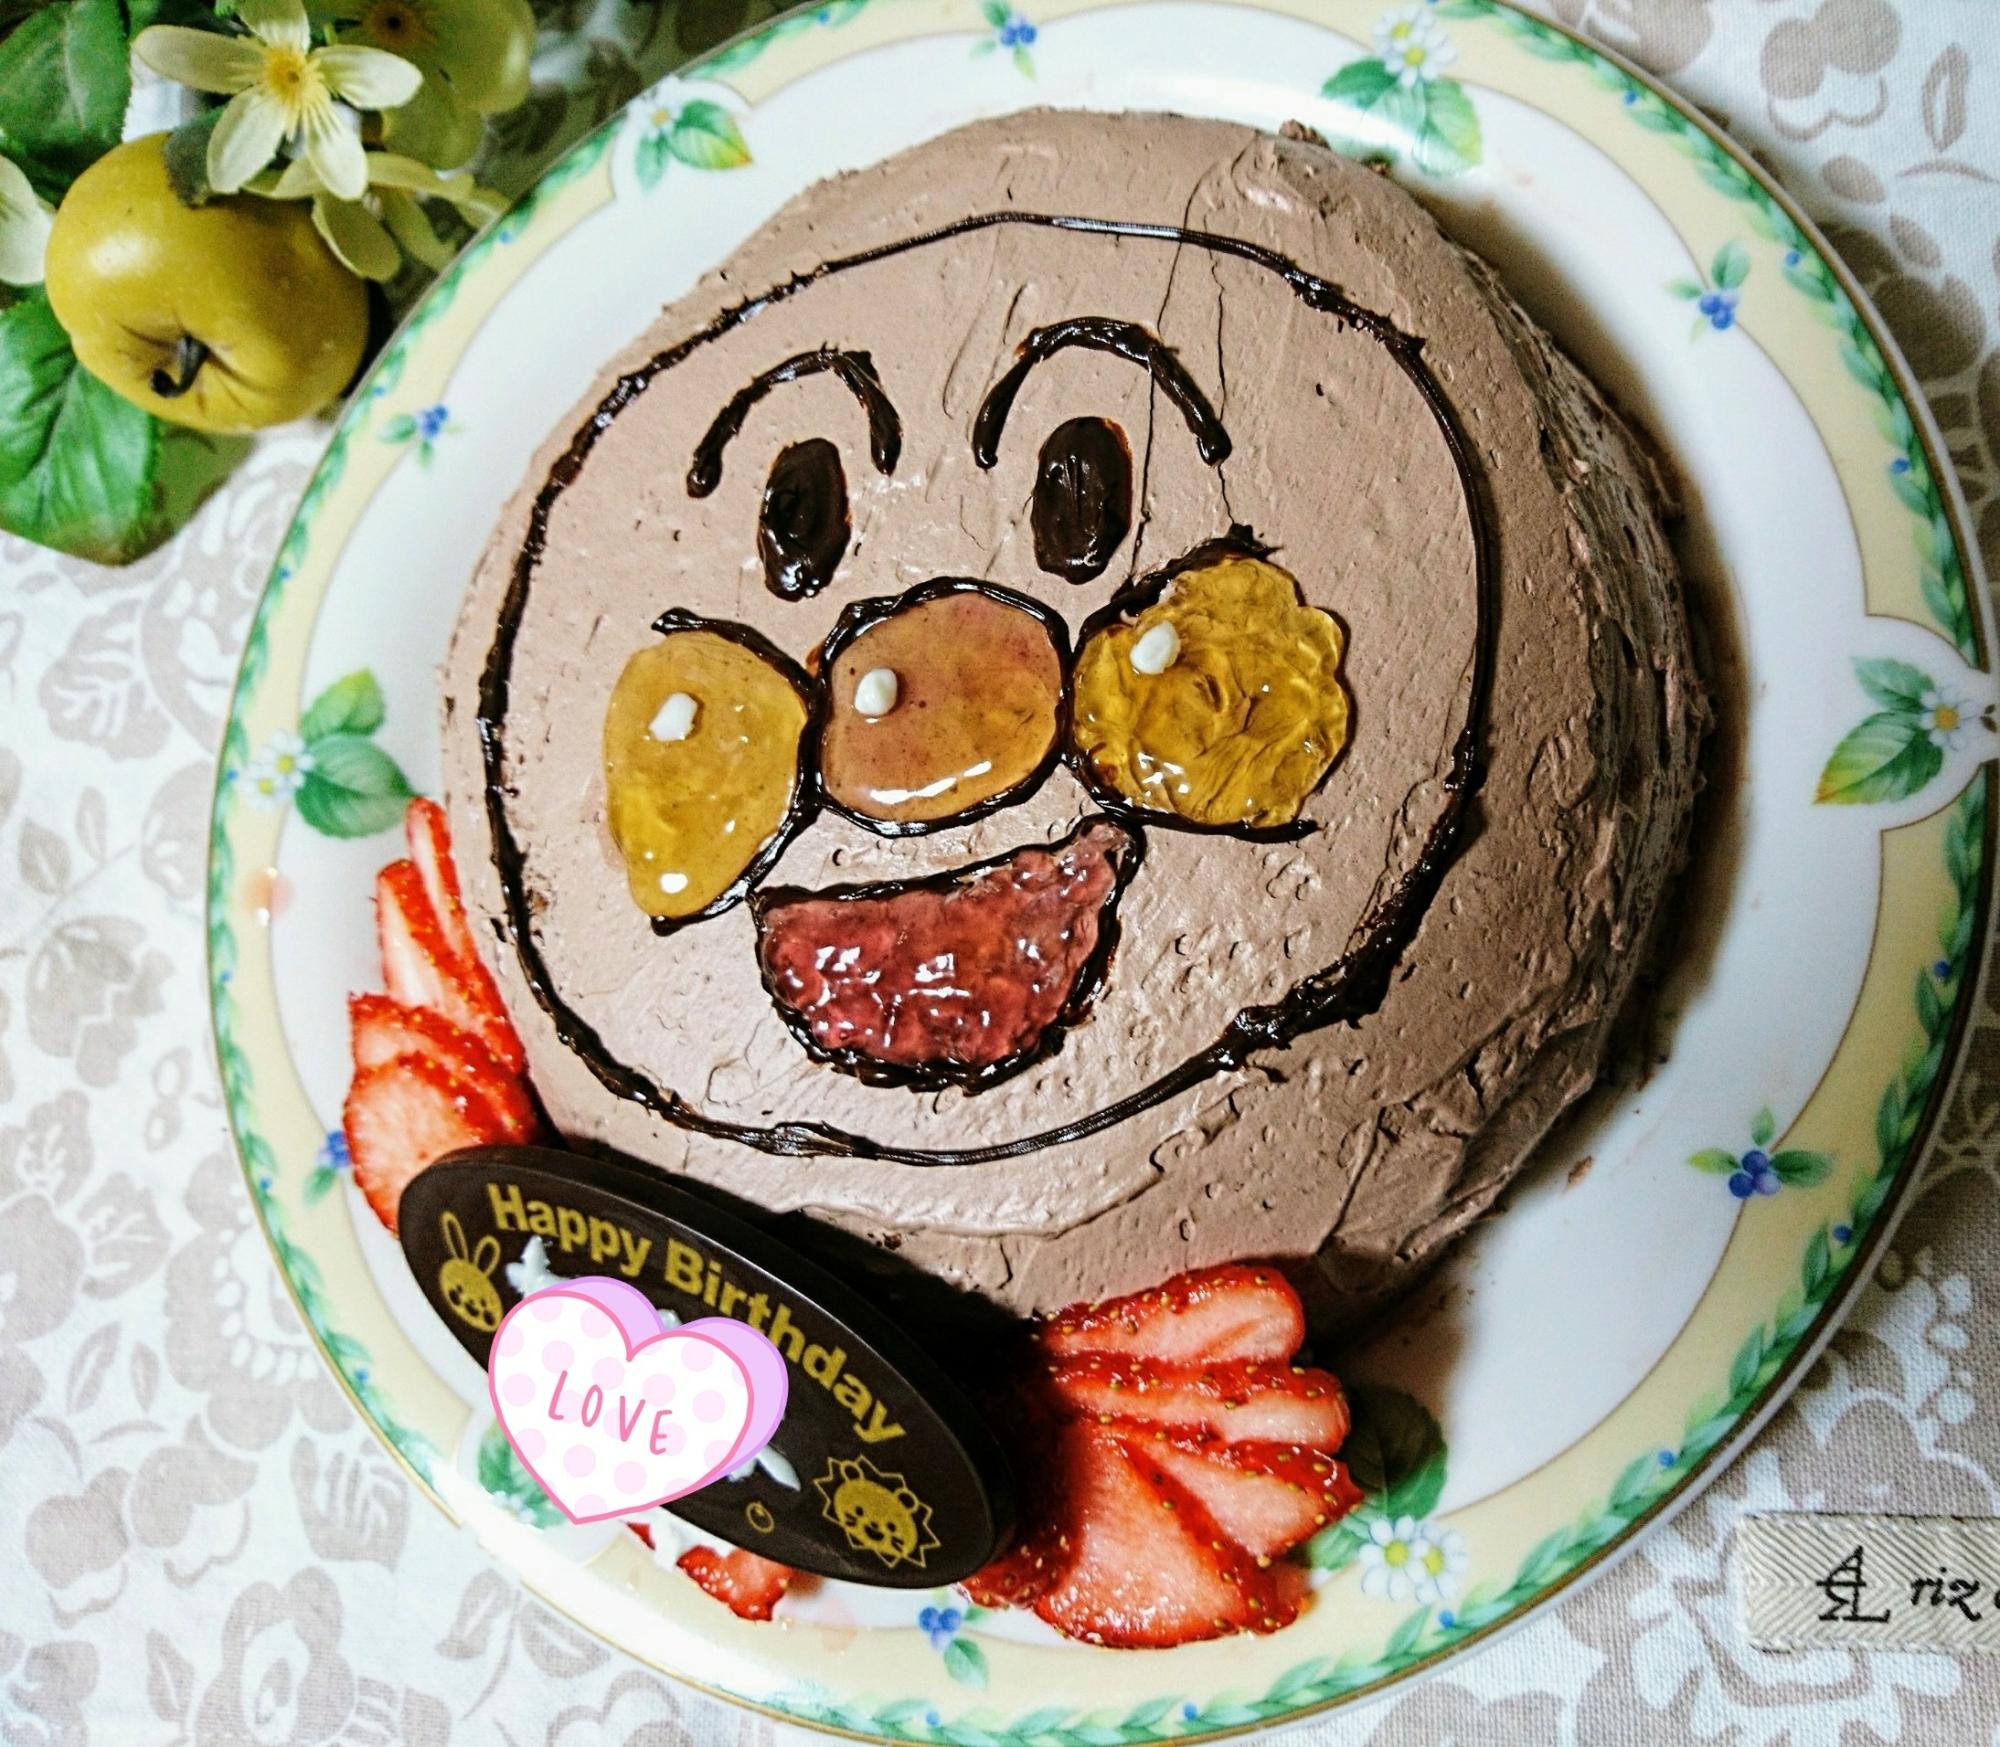 のアンパンマンケーキ レシピ・作り方 by ピコタン|楽天レシピ